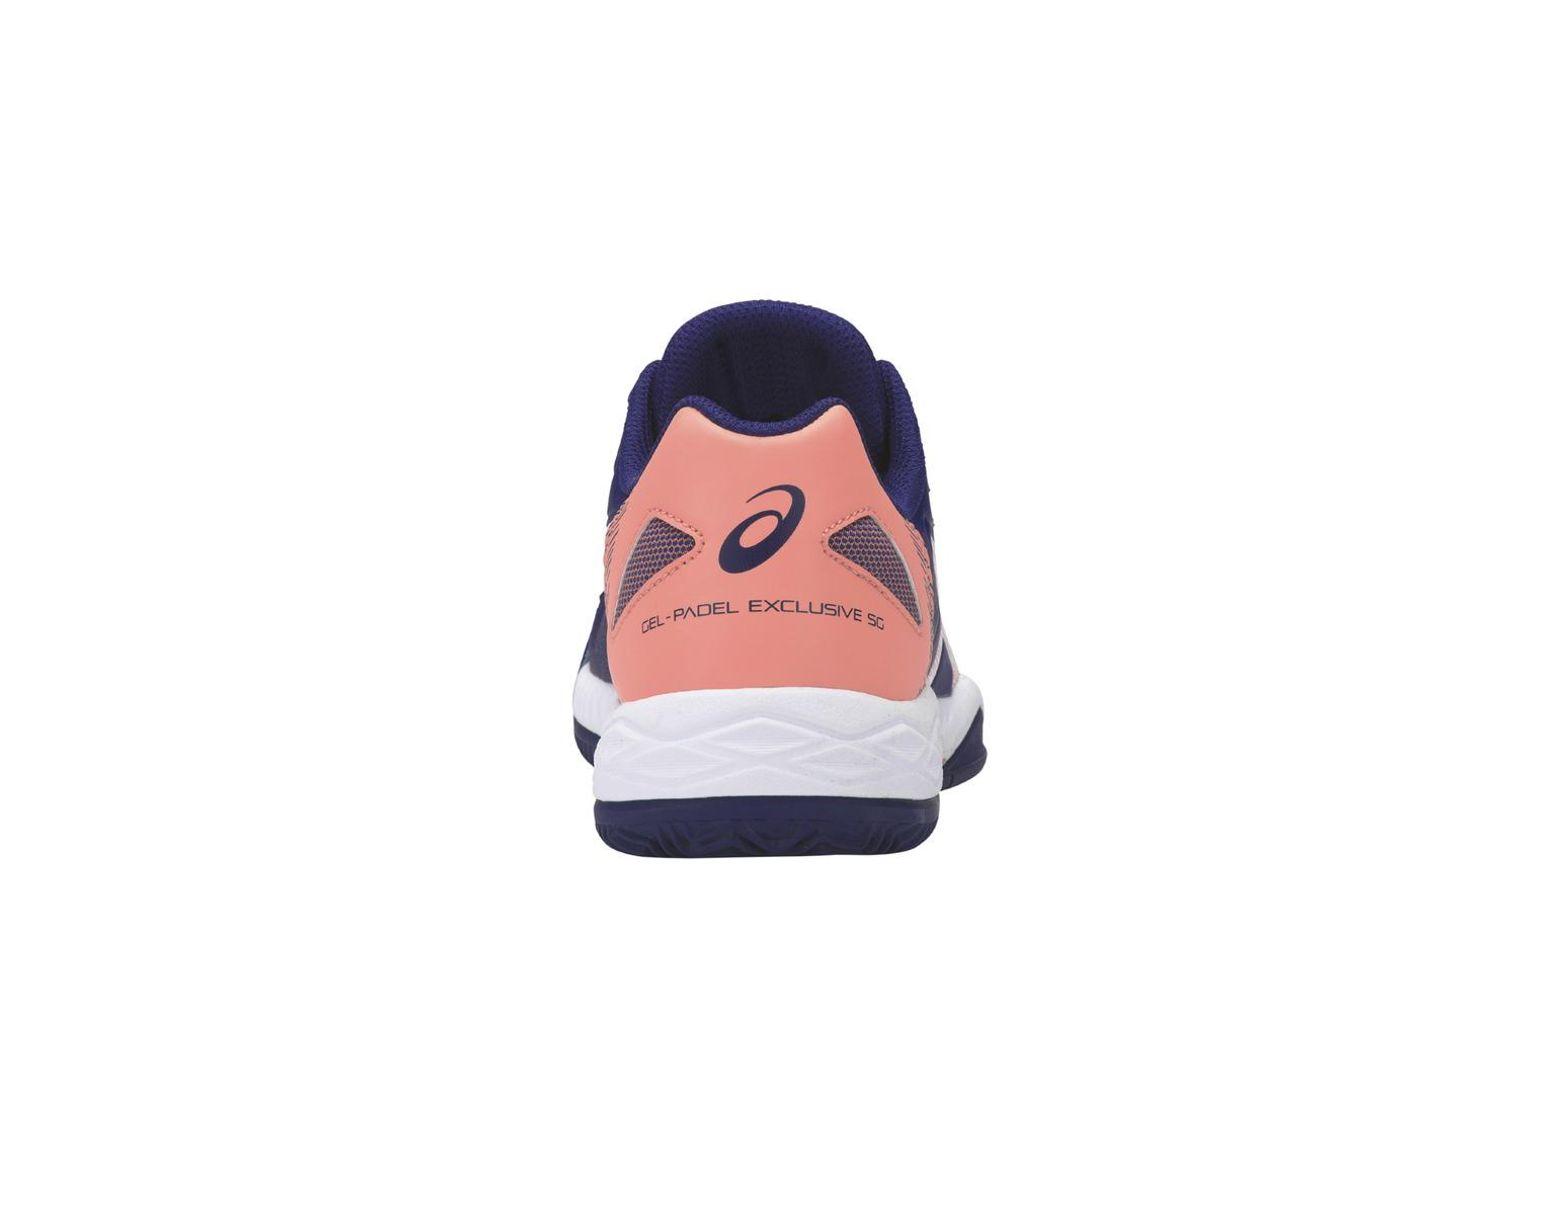 Paddle Blue Women's Padel Gel Sg Tennis Shoes Exclusive 5 QCsrhtdx